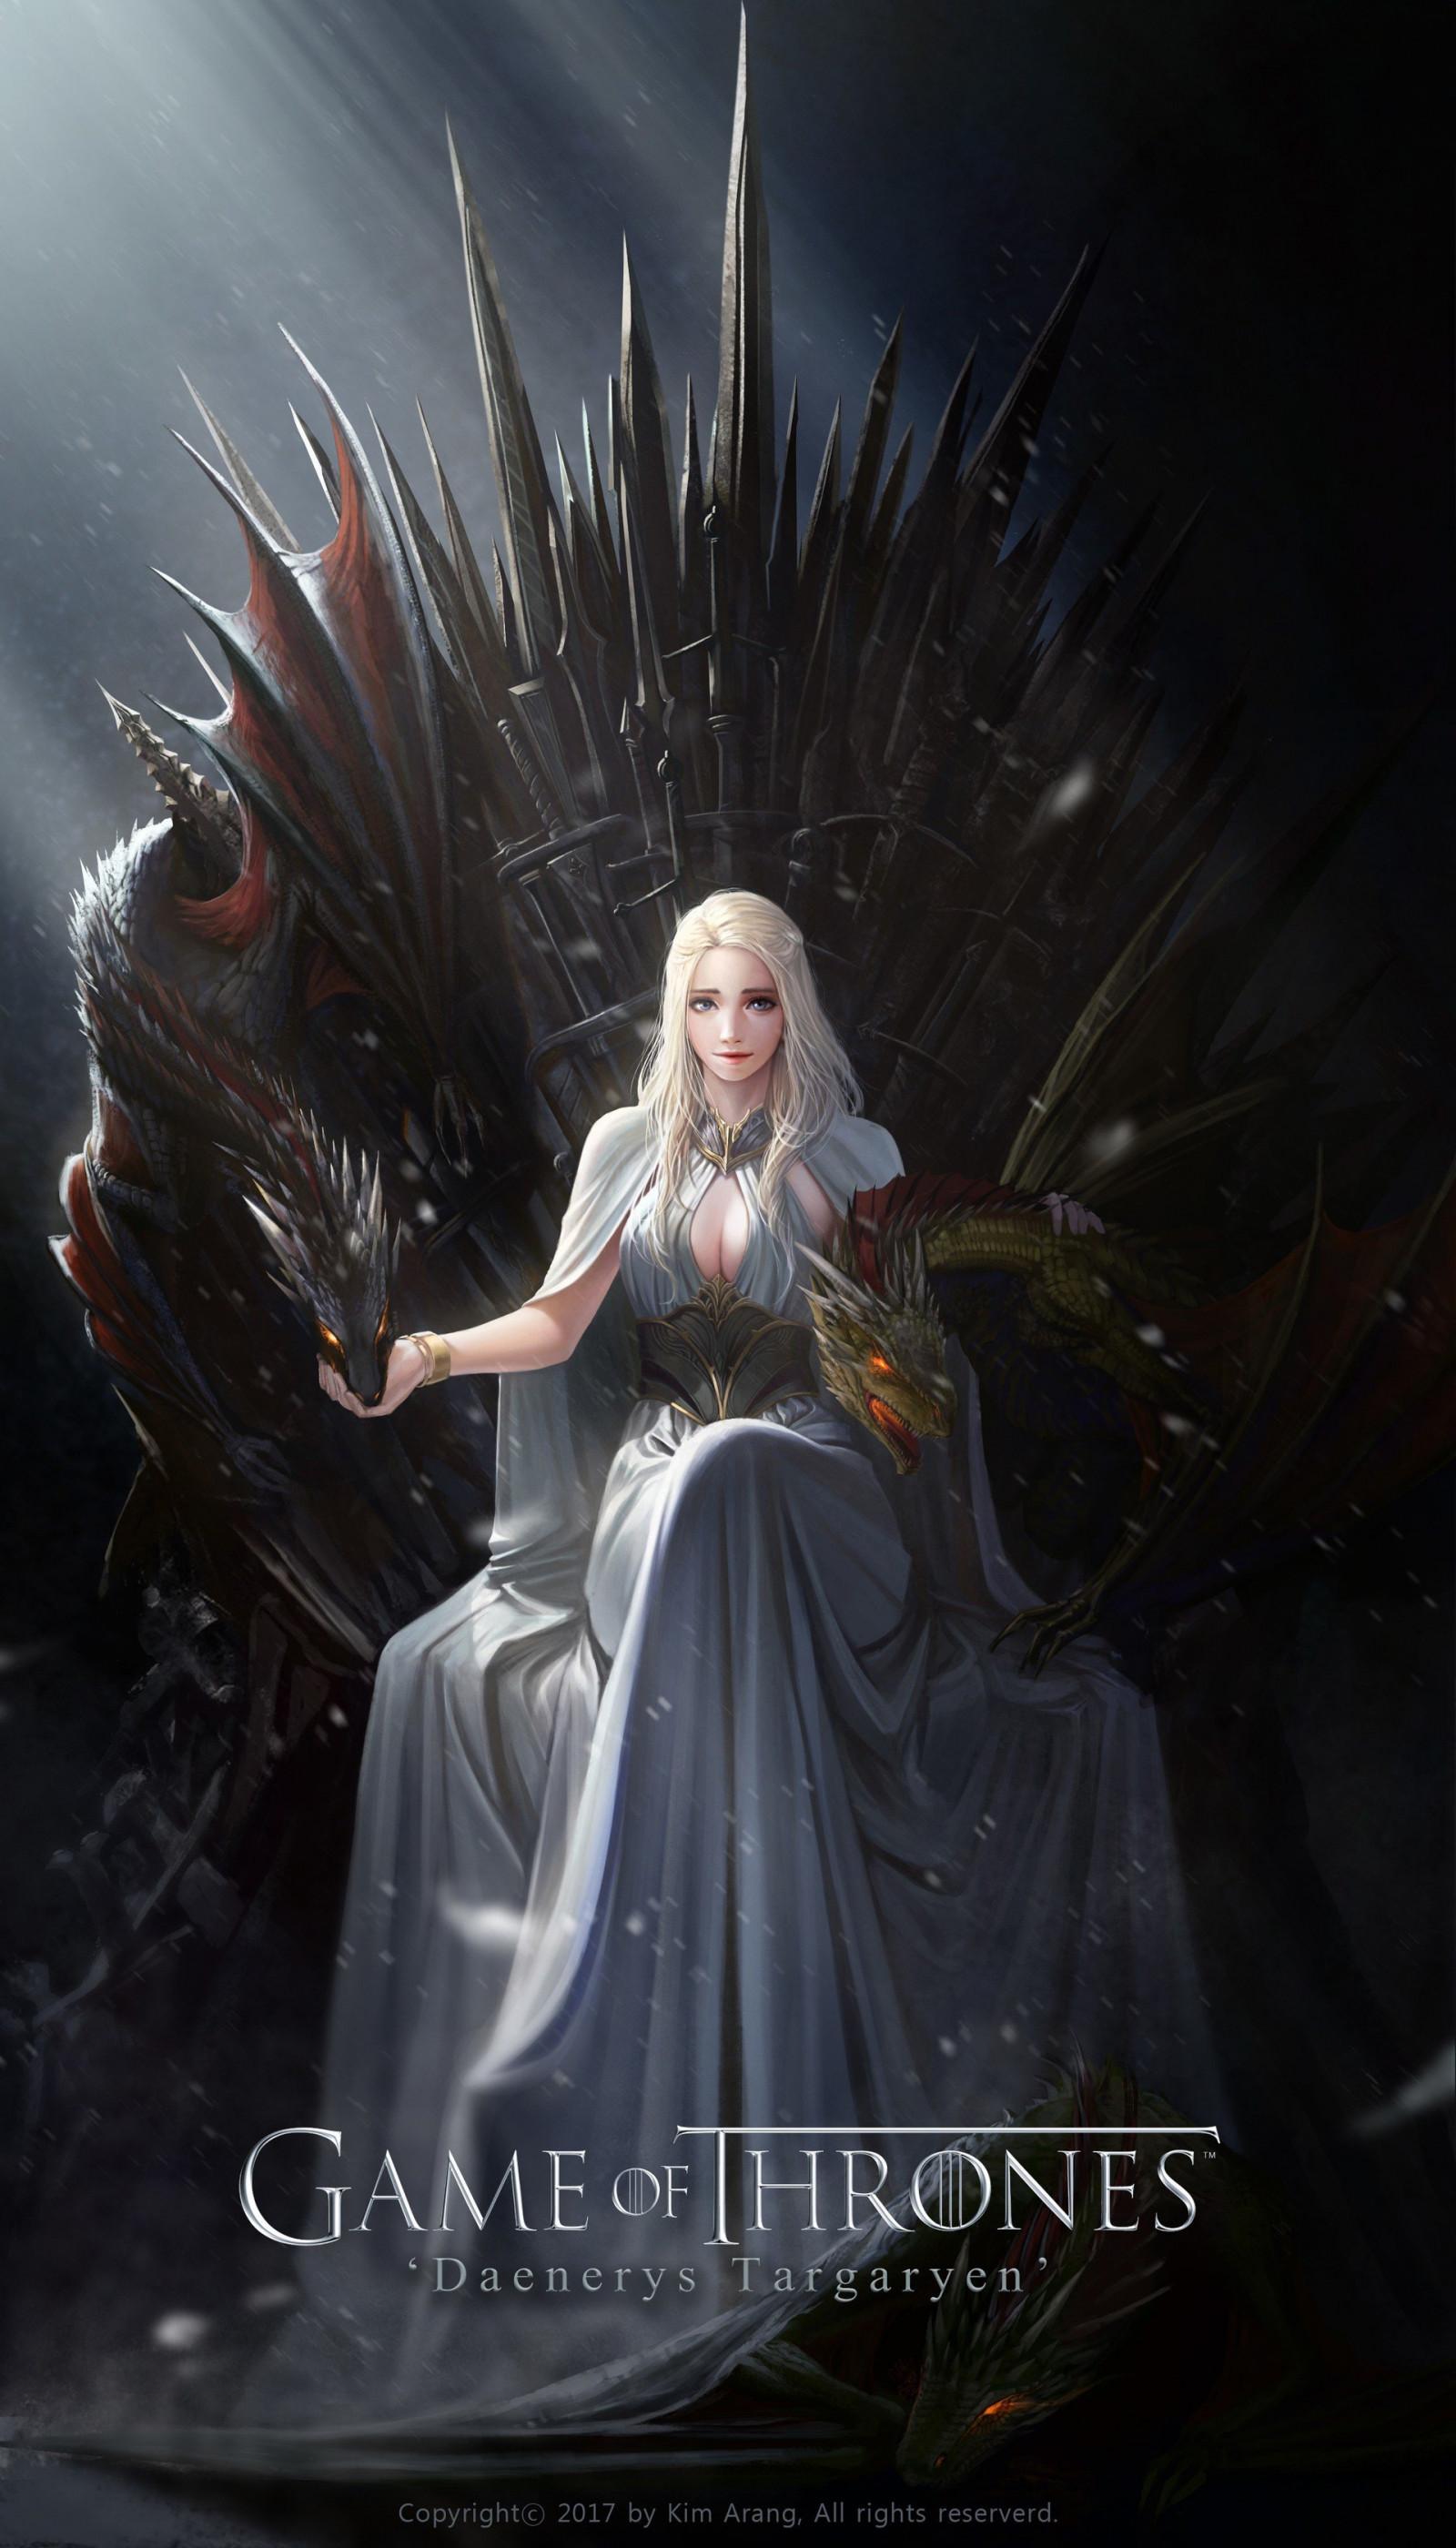 Fondos De Pantalla 1920x3360 Px Daenerys Targaryen